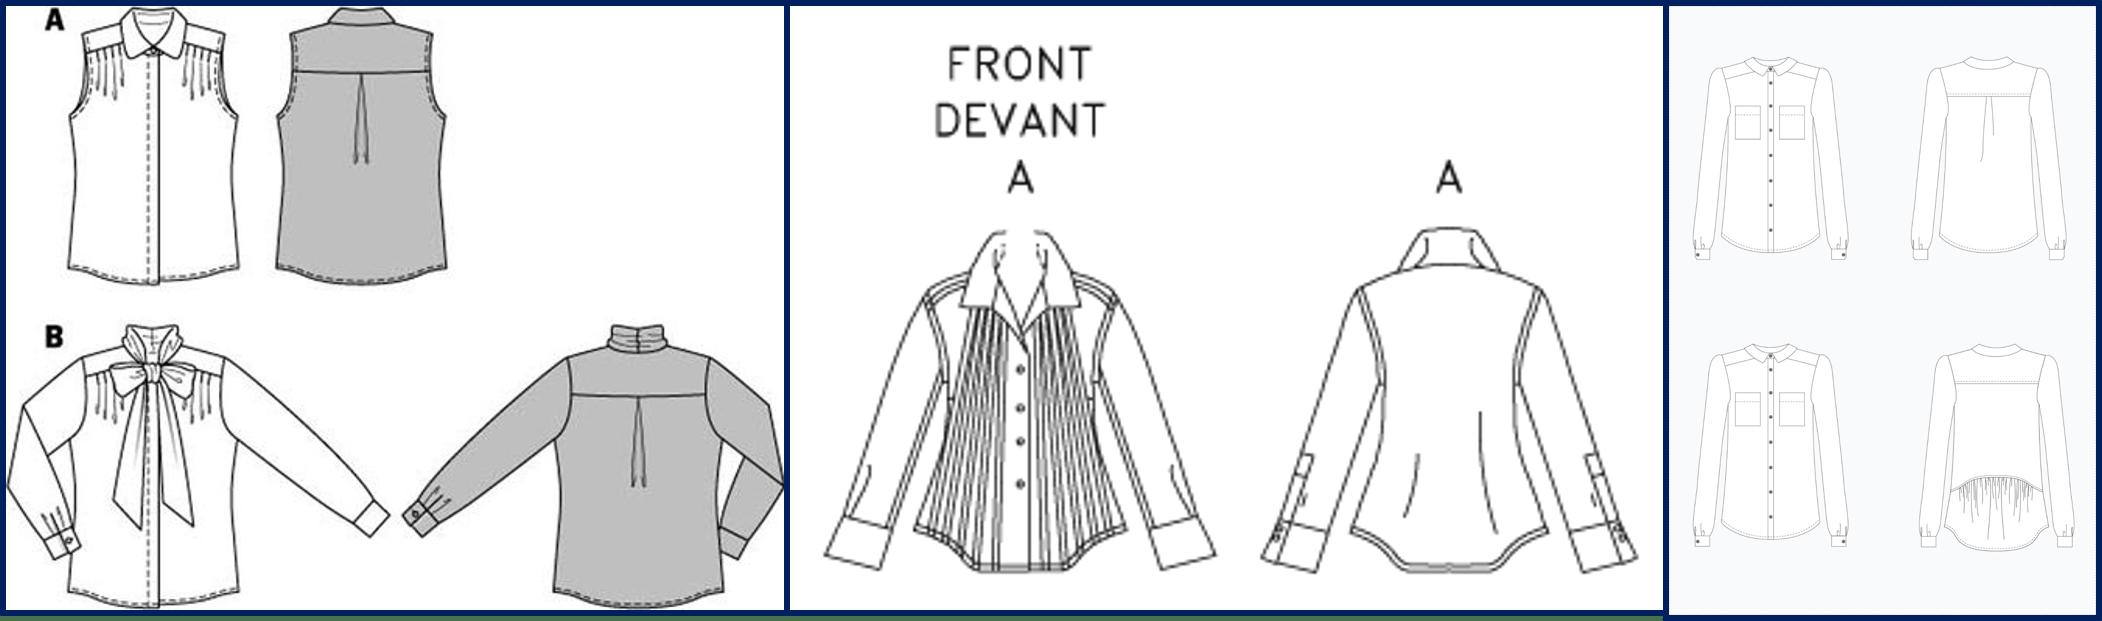 shirtmakingPicture9.jpg